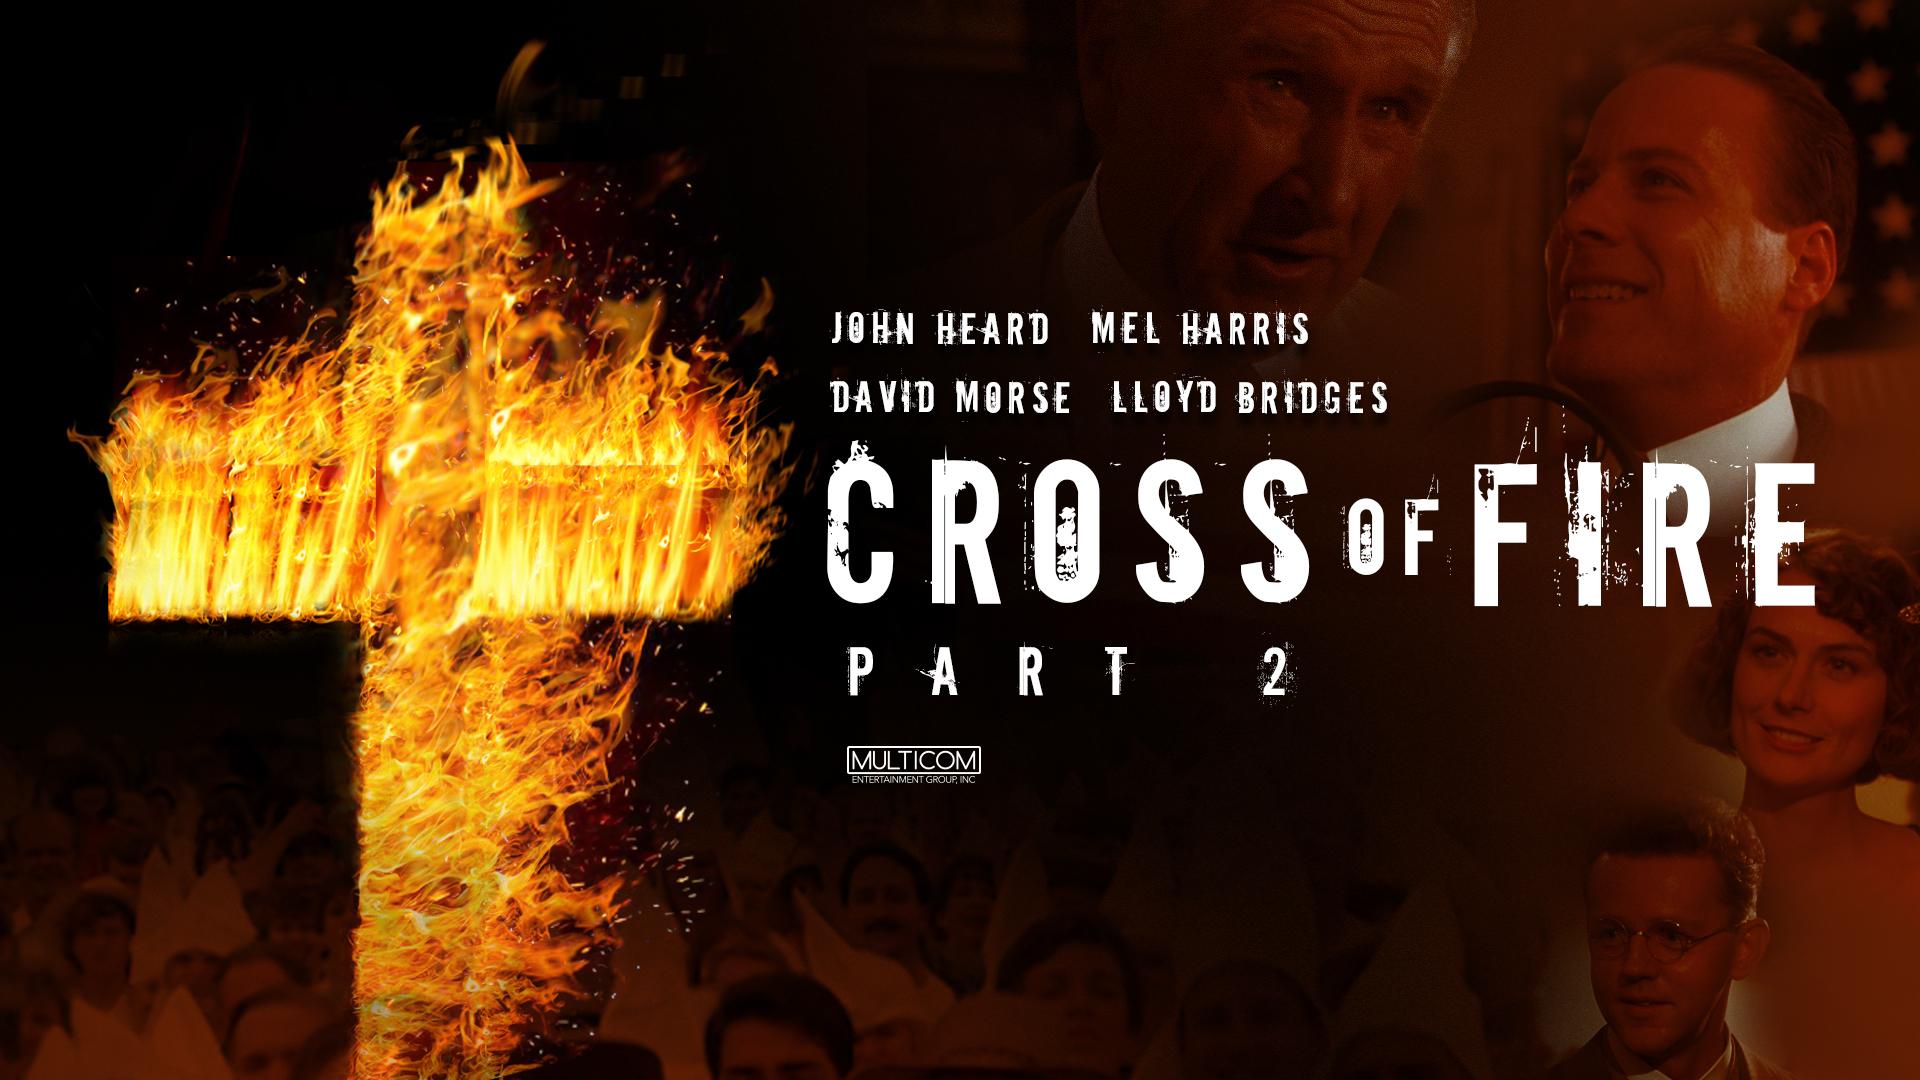 Cross of Fire - Part 2